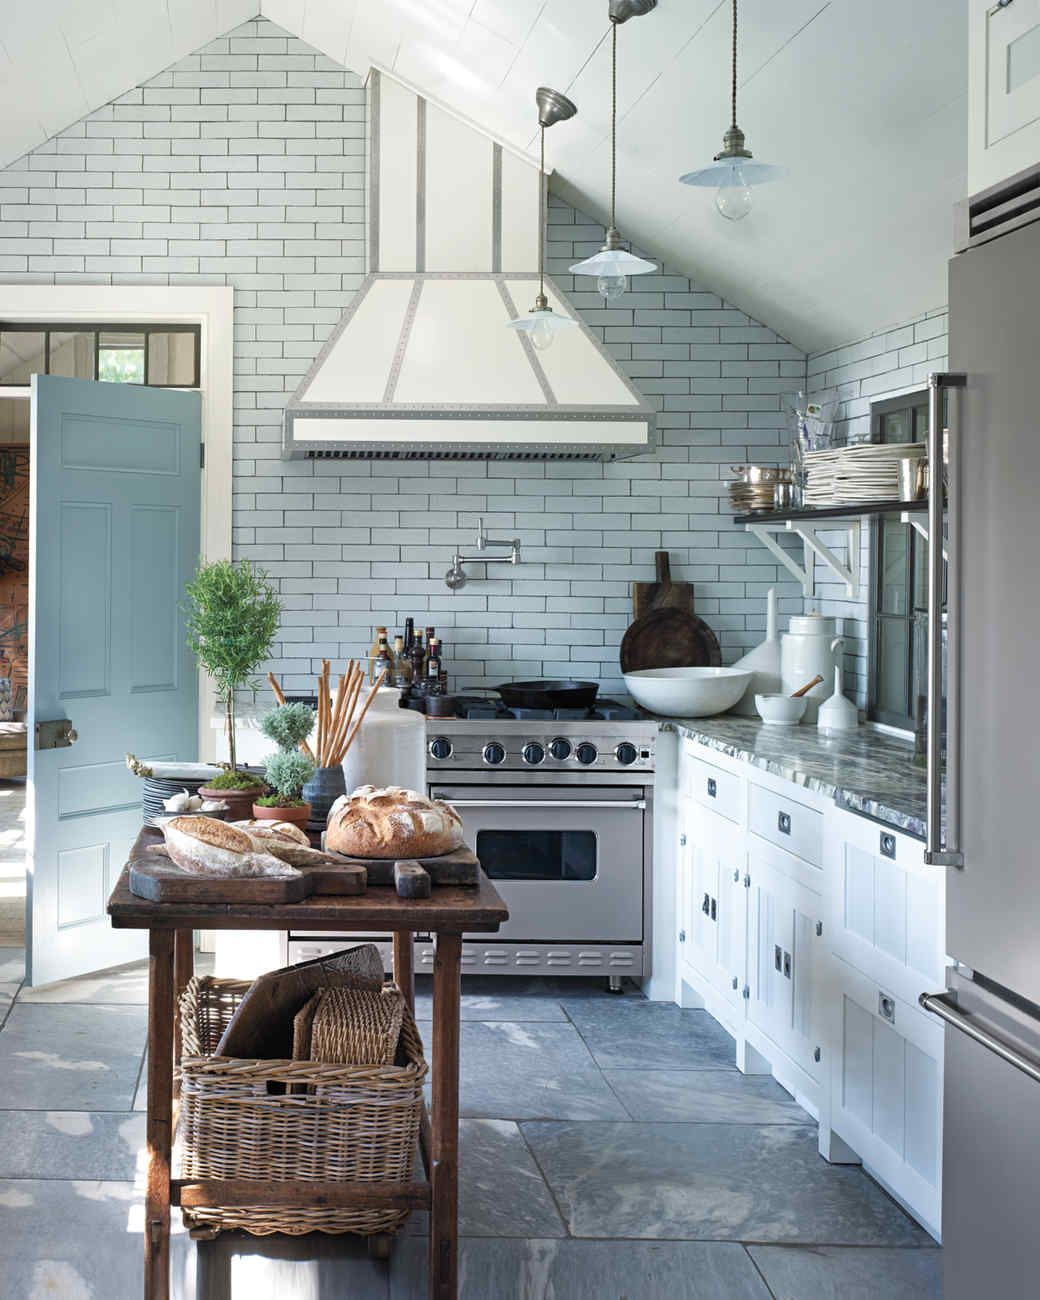 Kitchen Accents We Love | Martha stewart, Interior walls and Gambrel